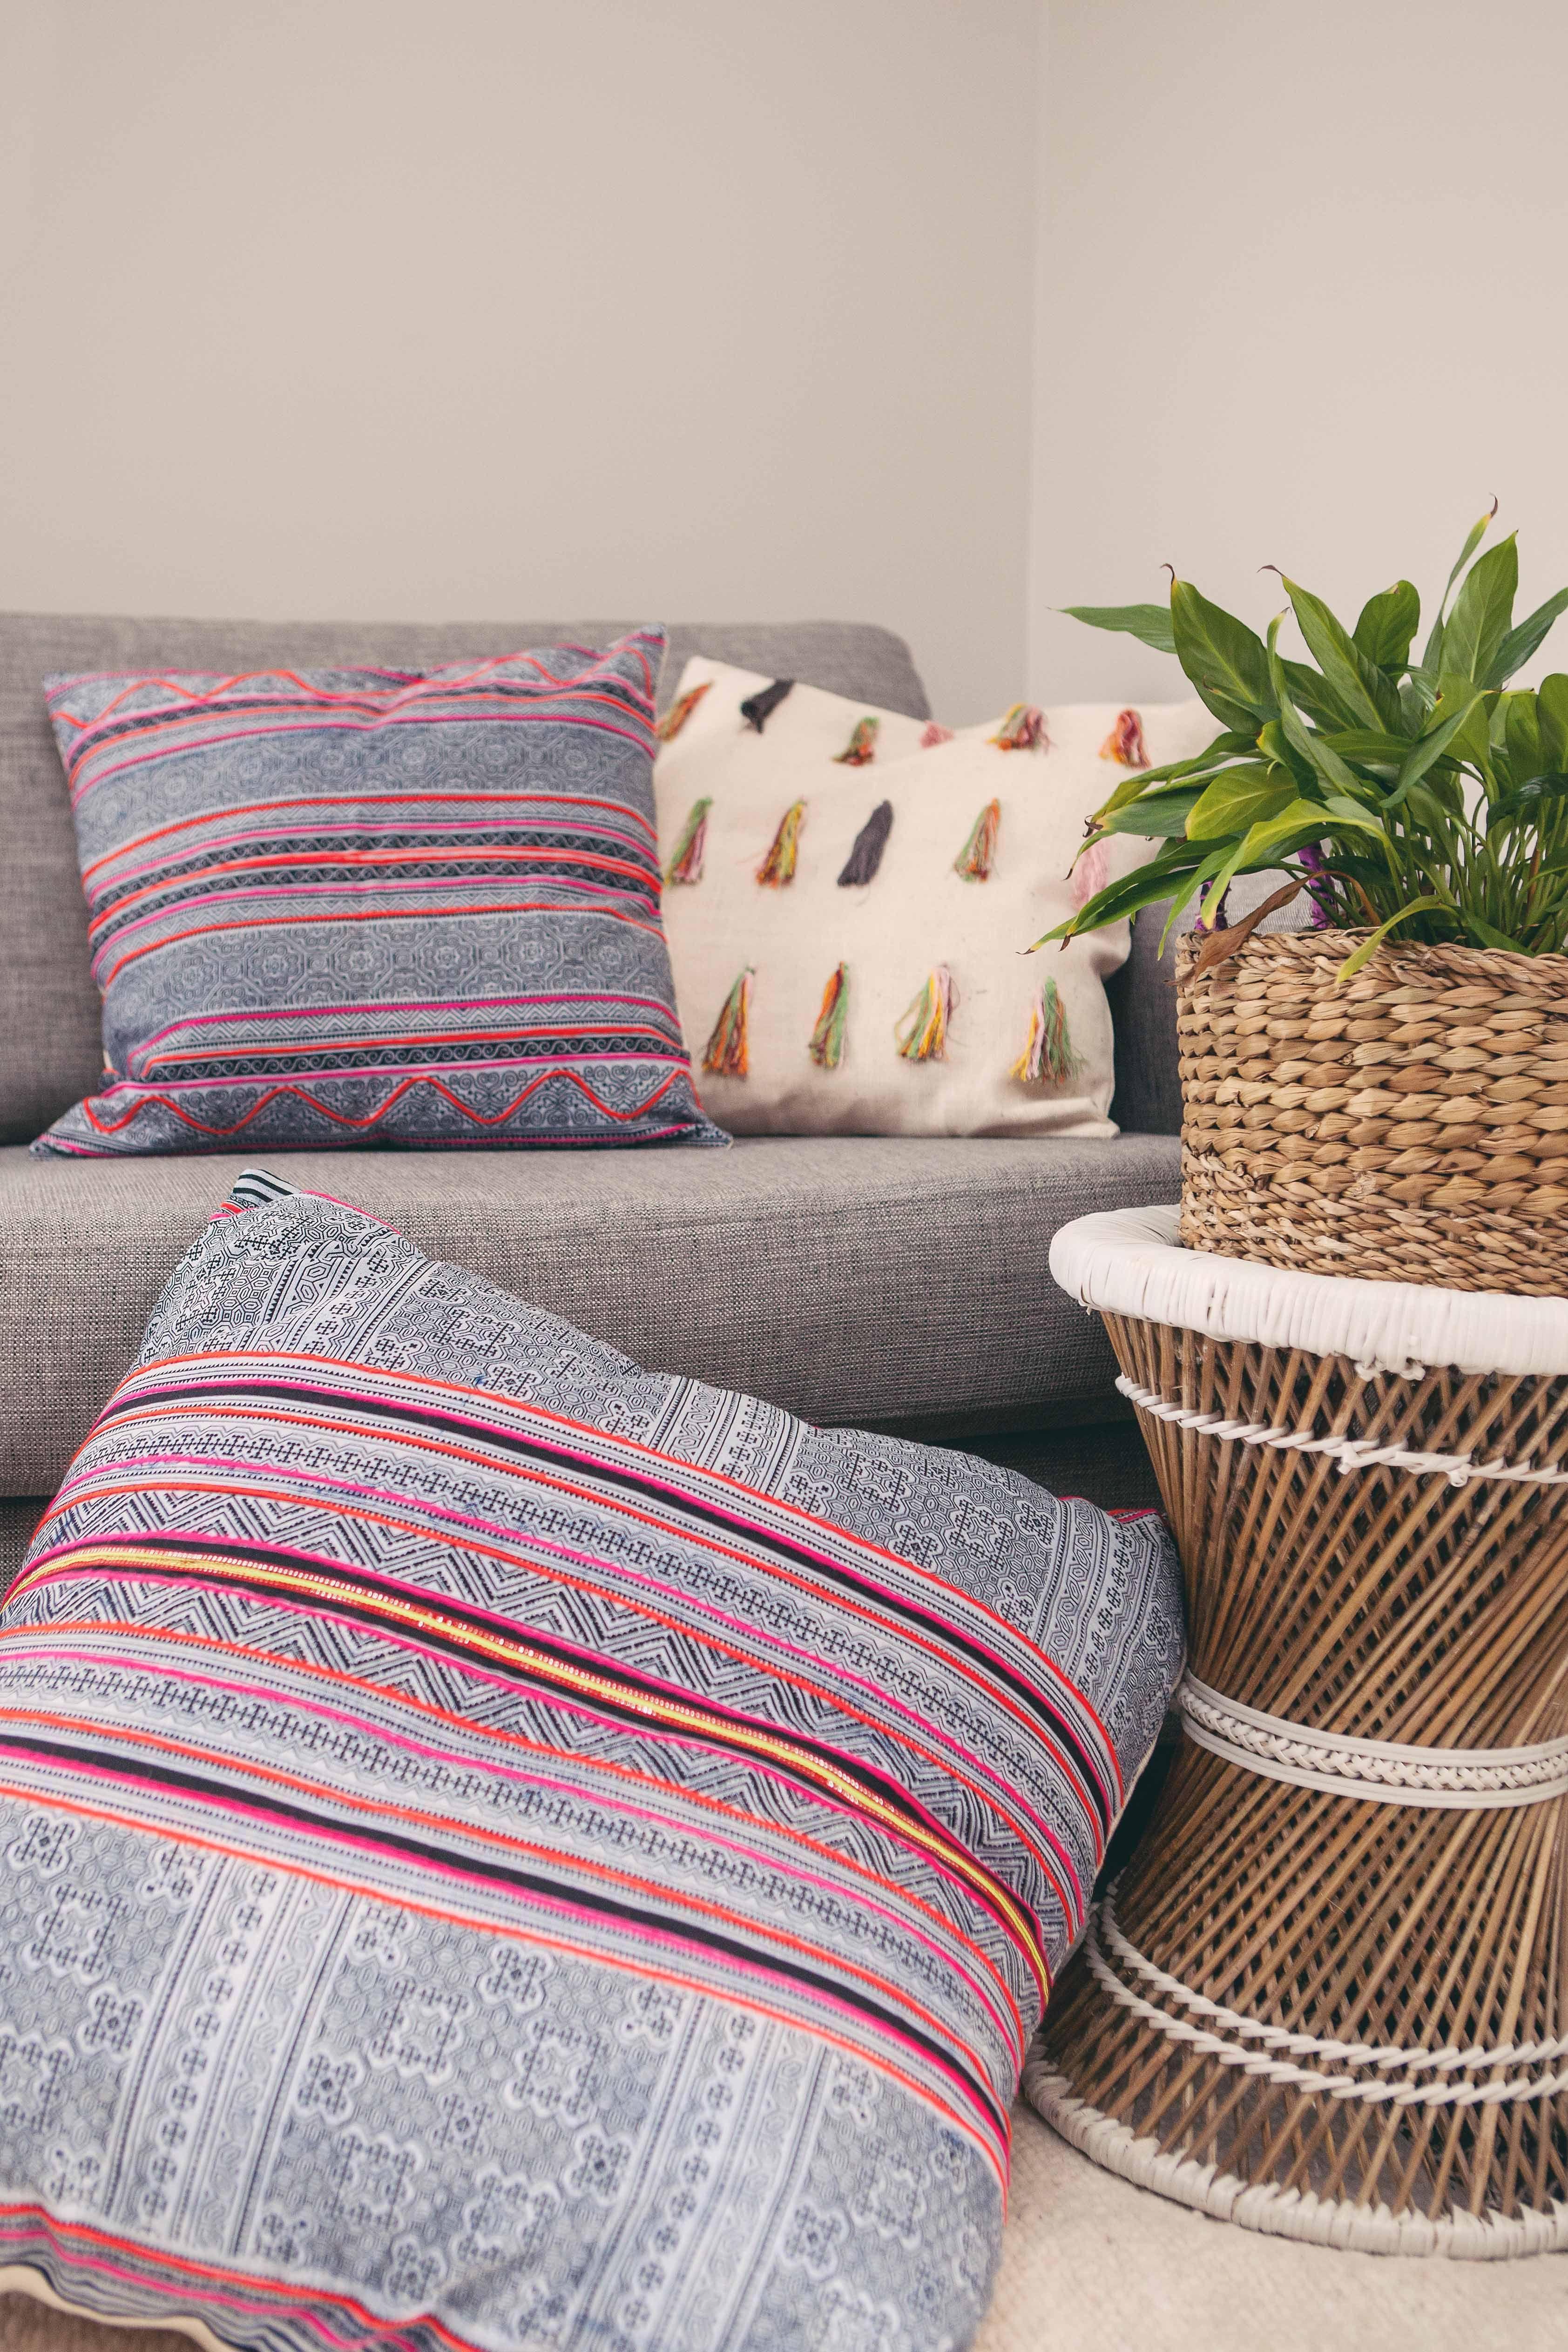 Thai cushion covers fair trade hand made trade aid